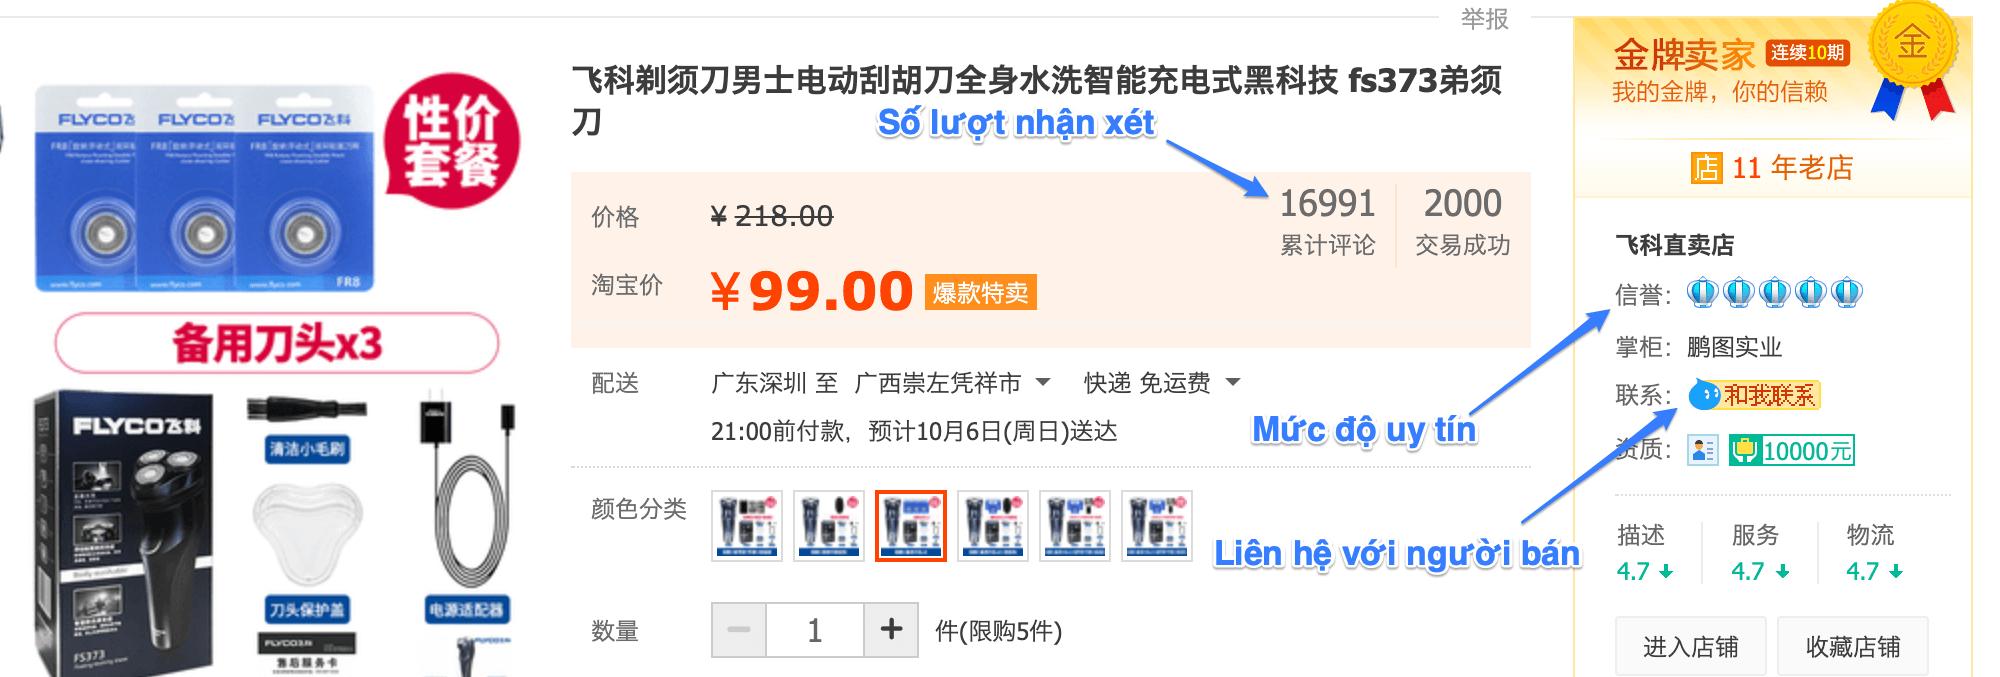 Cách xem mức độ uy tín của cửa hàng trên Taobao